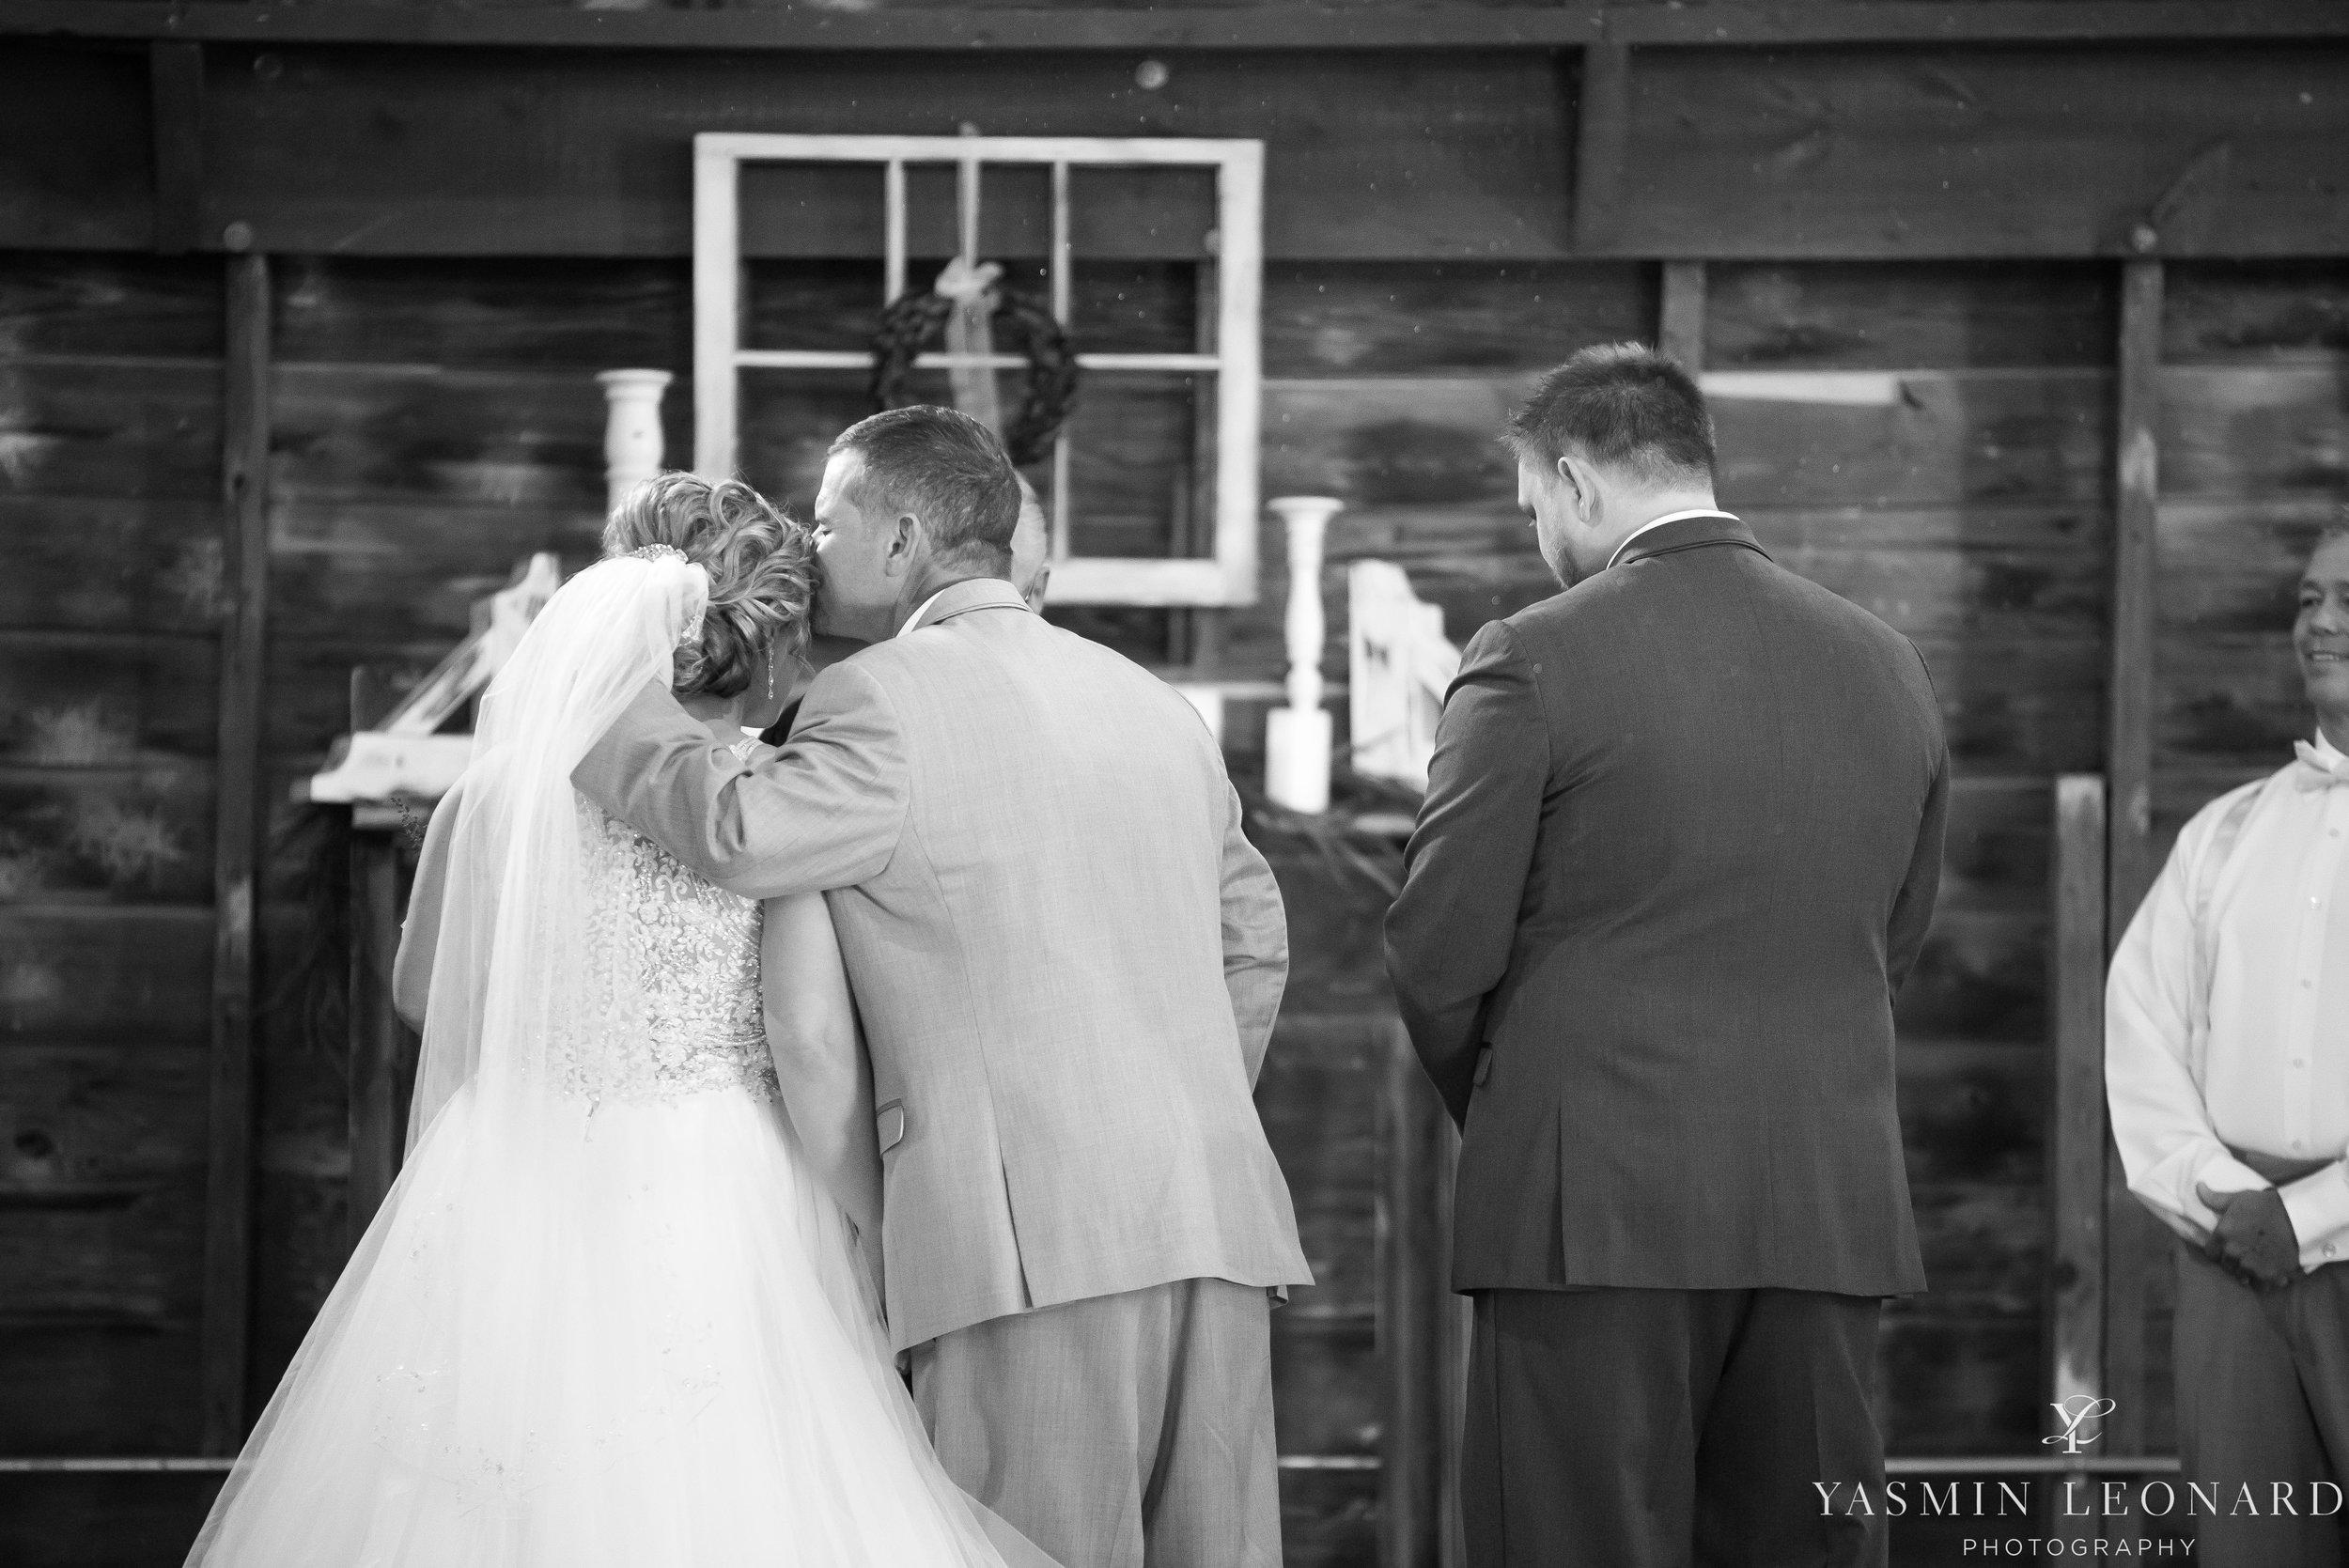 Millikan Farms - Millikan Farms Wedding - Sophia NC Wedding - NC Wedding - NC Wedding Photographer - Yasmin Leonard Photography - High Point Photographer - Barn Wedding - Wedding Venues in NC - Triad Wedding Photographer-44.jpg